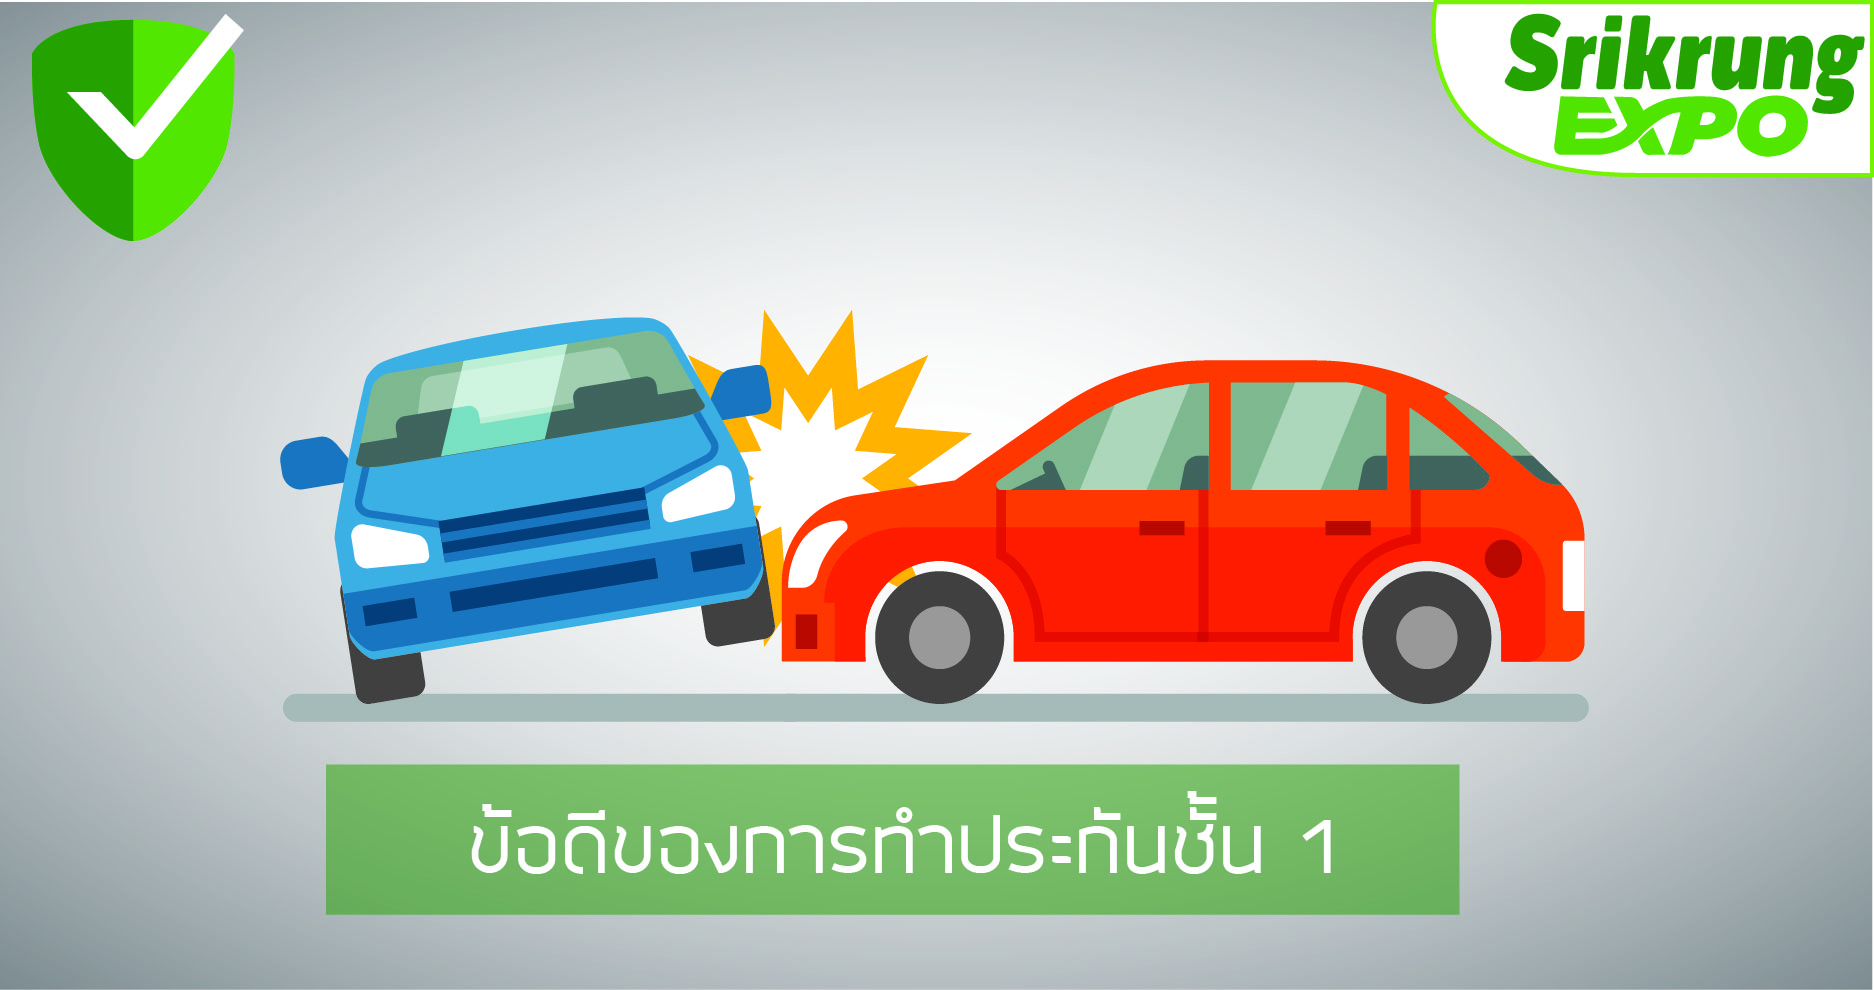 ข้อดีของการทำประกันภัยรถยนต์ ชั้น 1